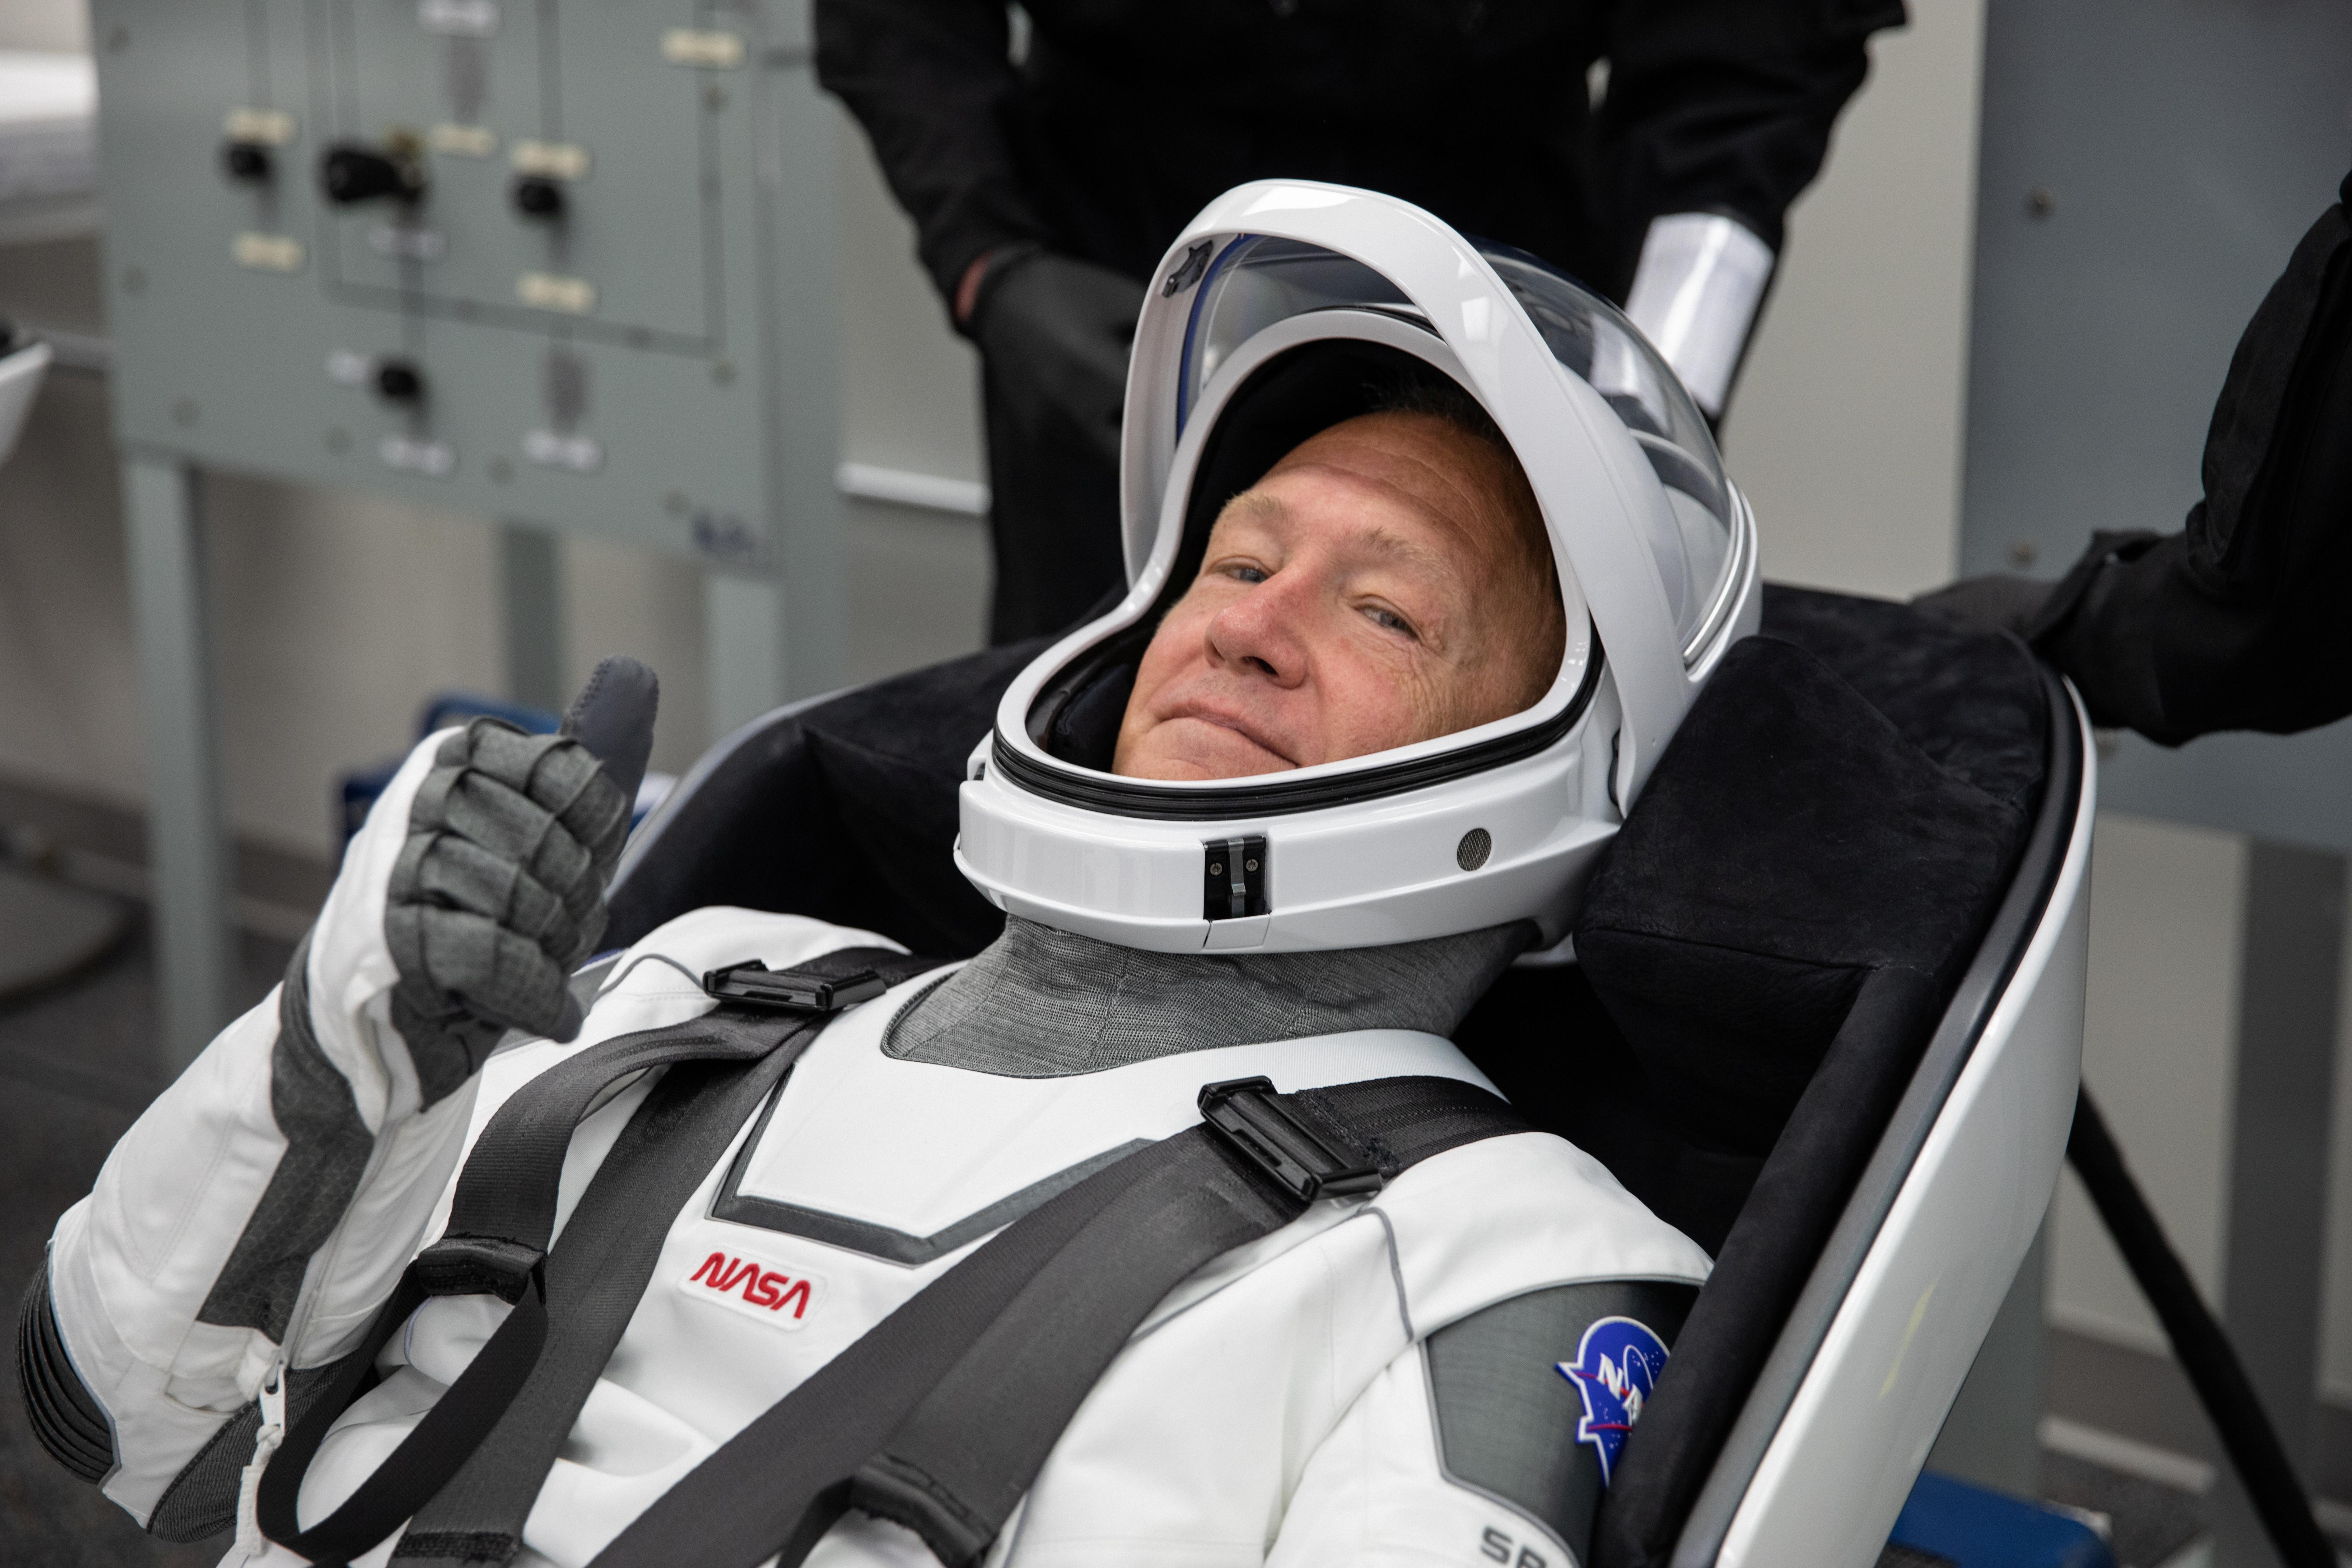 El astronauta Douglas Hurley prueba su traje espacial (NASA/Kim Shiflett via REUTERS)